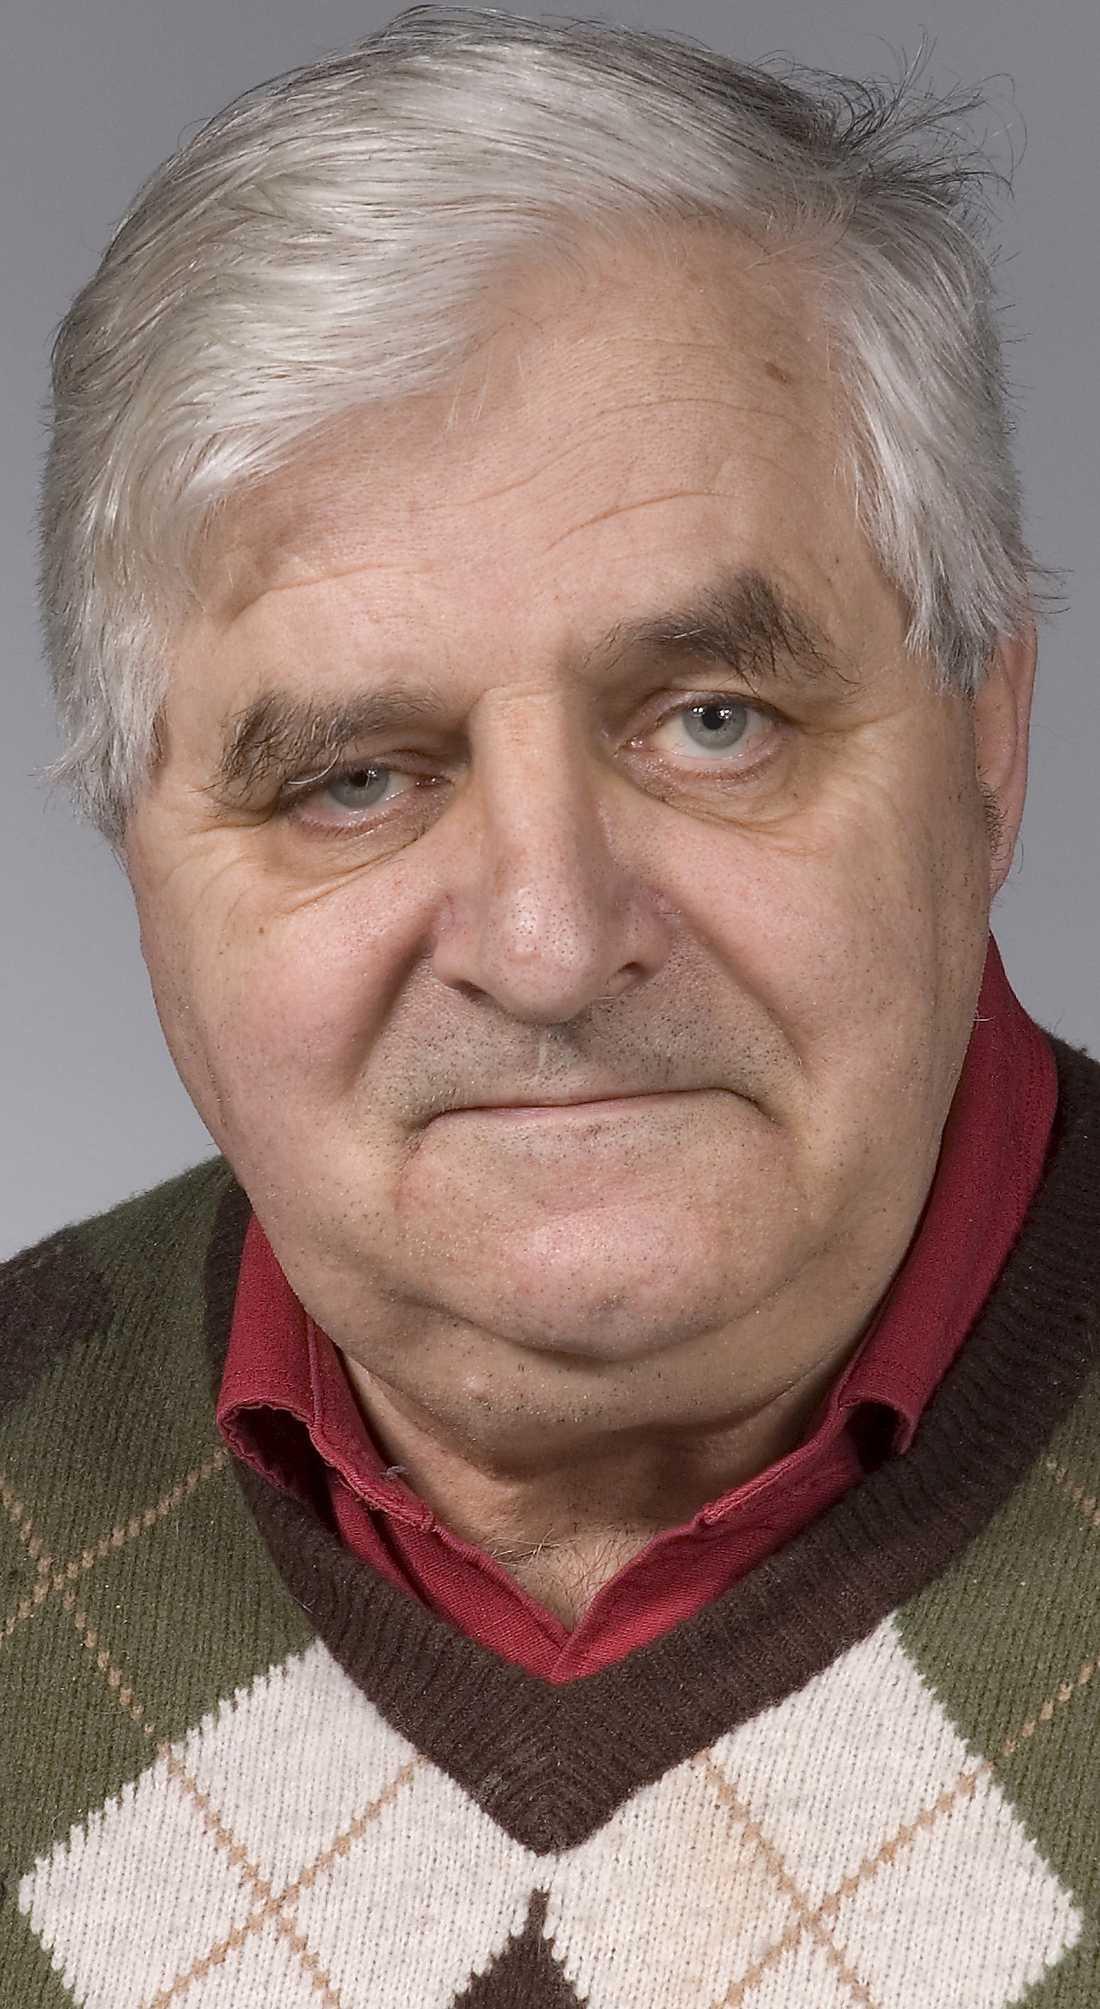 Christian Braunstein har varit ansvarig för uniformsreglementet hos Försvarsmakten.